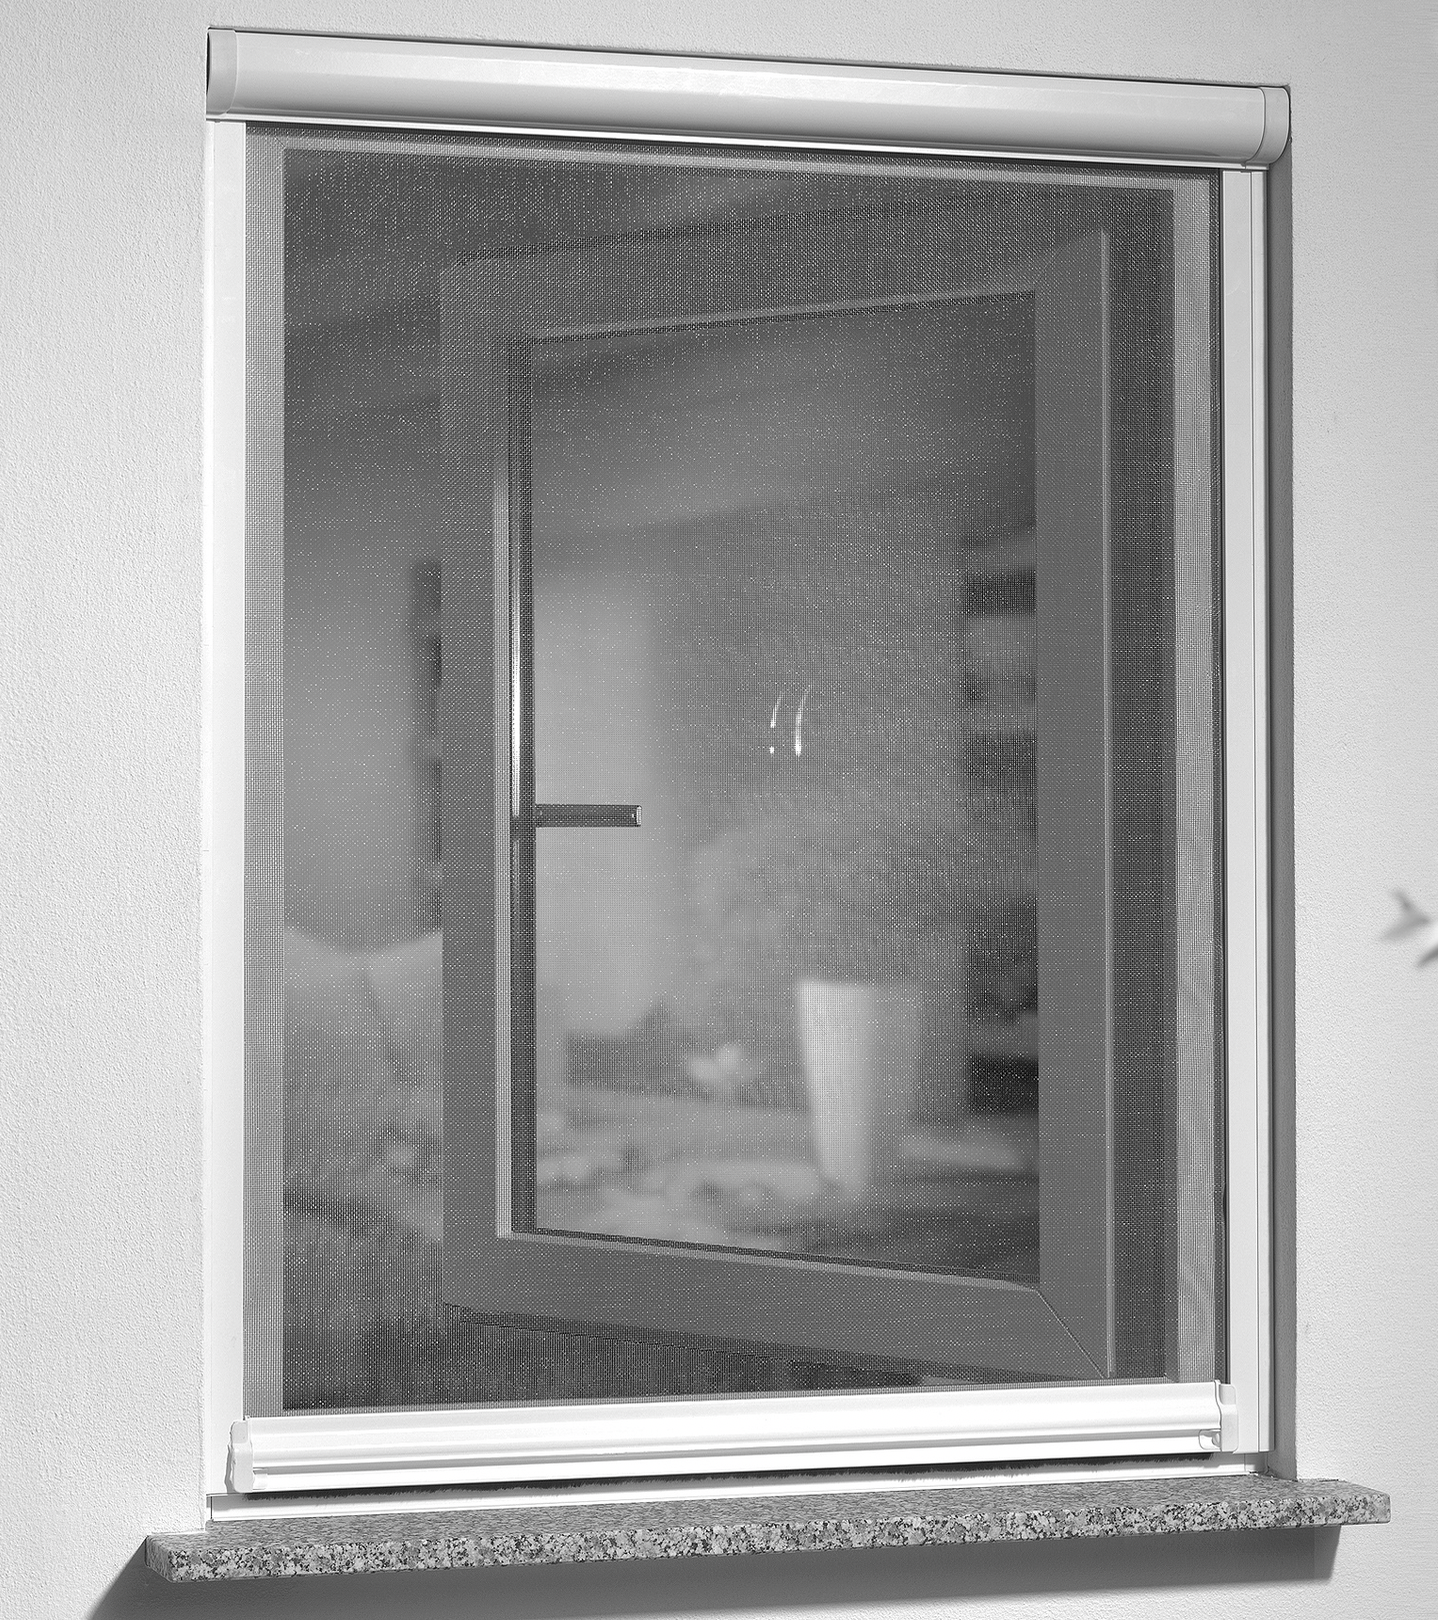 Full Size of Felux Fenster Köln Einbruchschutz Nachrüsten Kunststoff Auto Folie Wärmeschutzfolie Ebay Sicherheitsbeschläge Rc3 Holz Alu Maße Veka Absturzsicherung Fenster Insektenschutzrollo Fenster